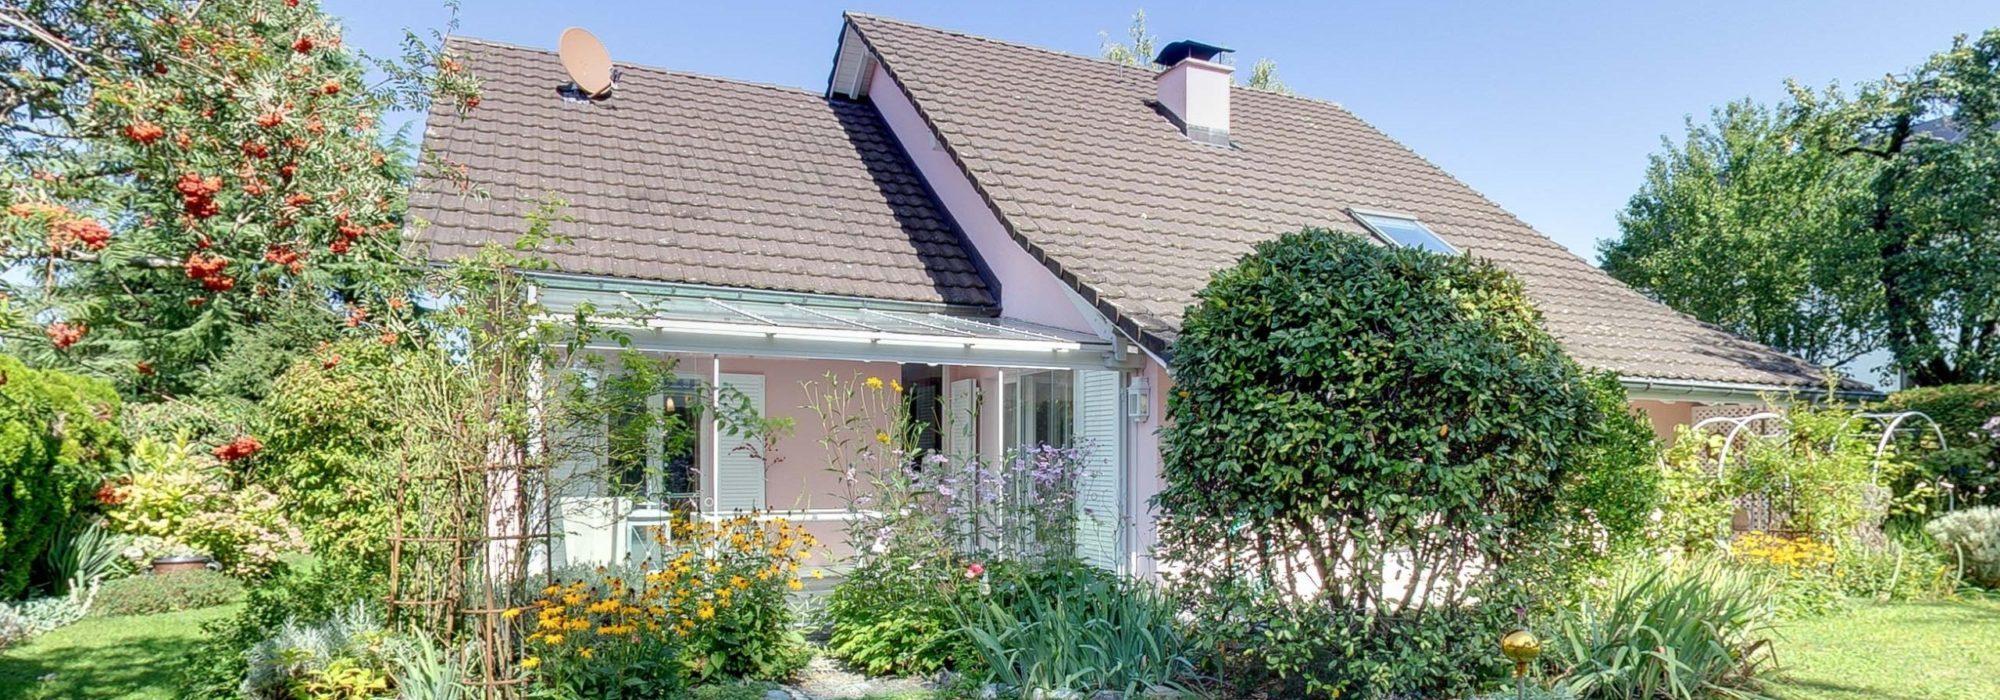 Villa in bester Bottighofer Lage mit Ausbaureserve, Garten und Fussnähe zum Yachthafen